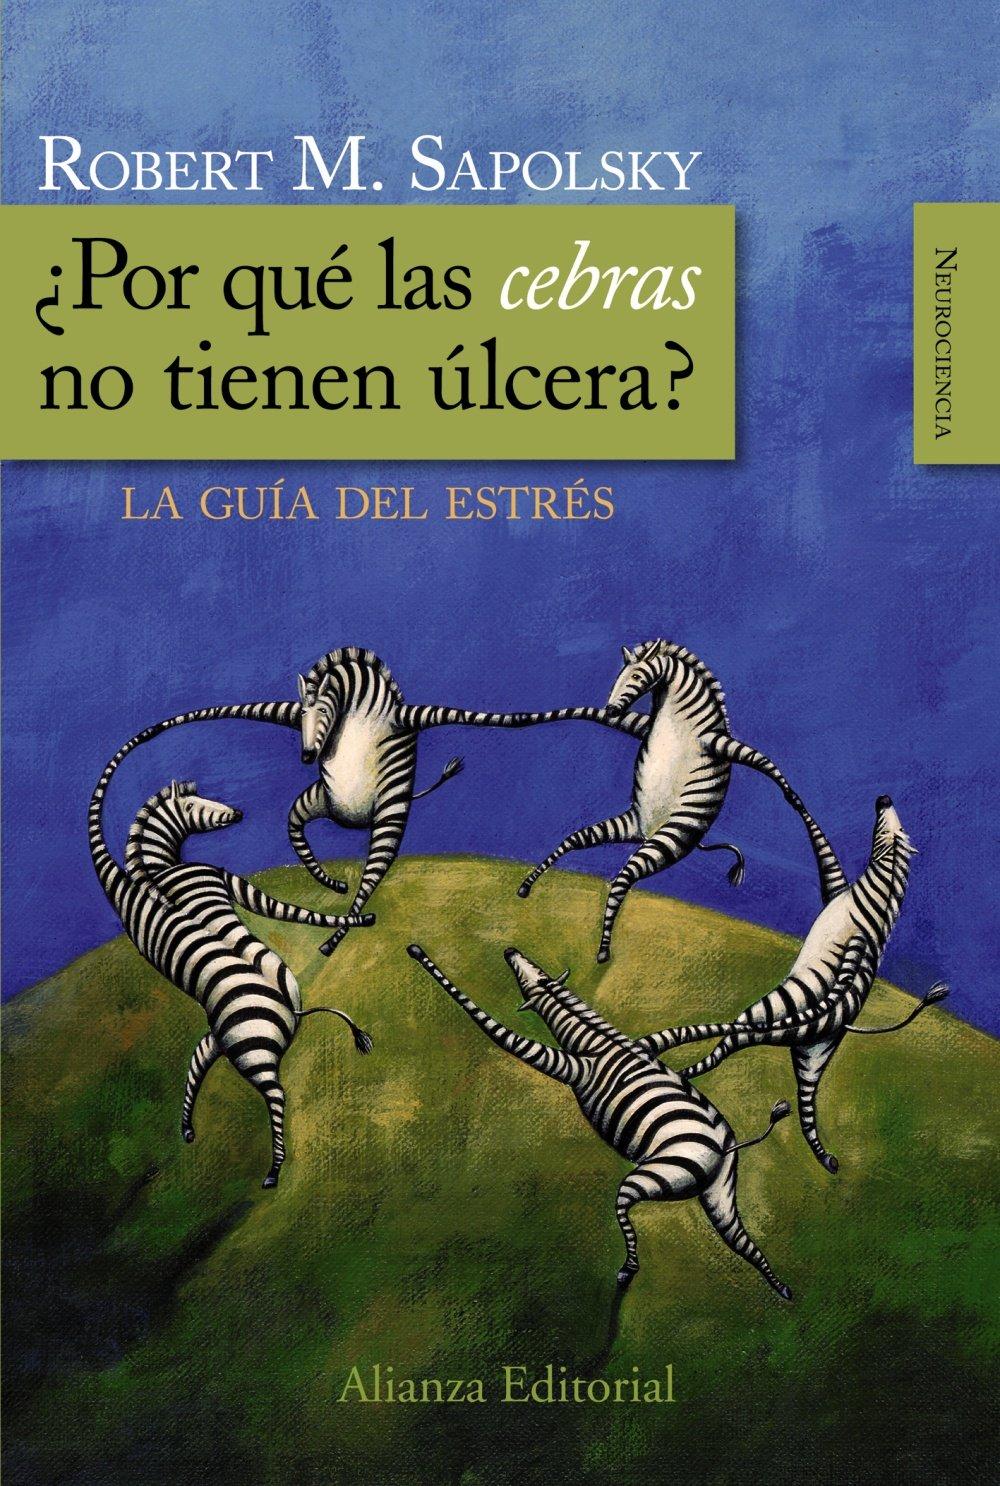 Read Online ¿Por qué las cebras no tienen úlcera? / Why zebras don't get ulcers?: La guía del estrés / The Acclaimed Guide to Stress-Related Diseases, and Coping (Alianza Ensayo) (Spanish Edition) pdf epub